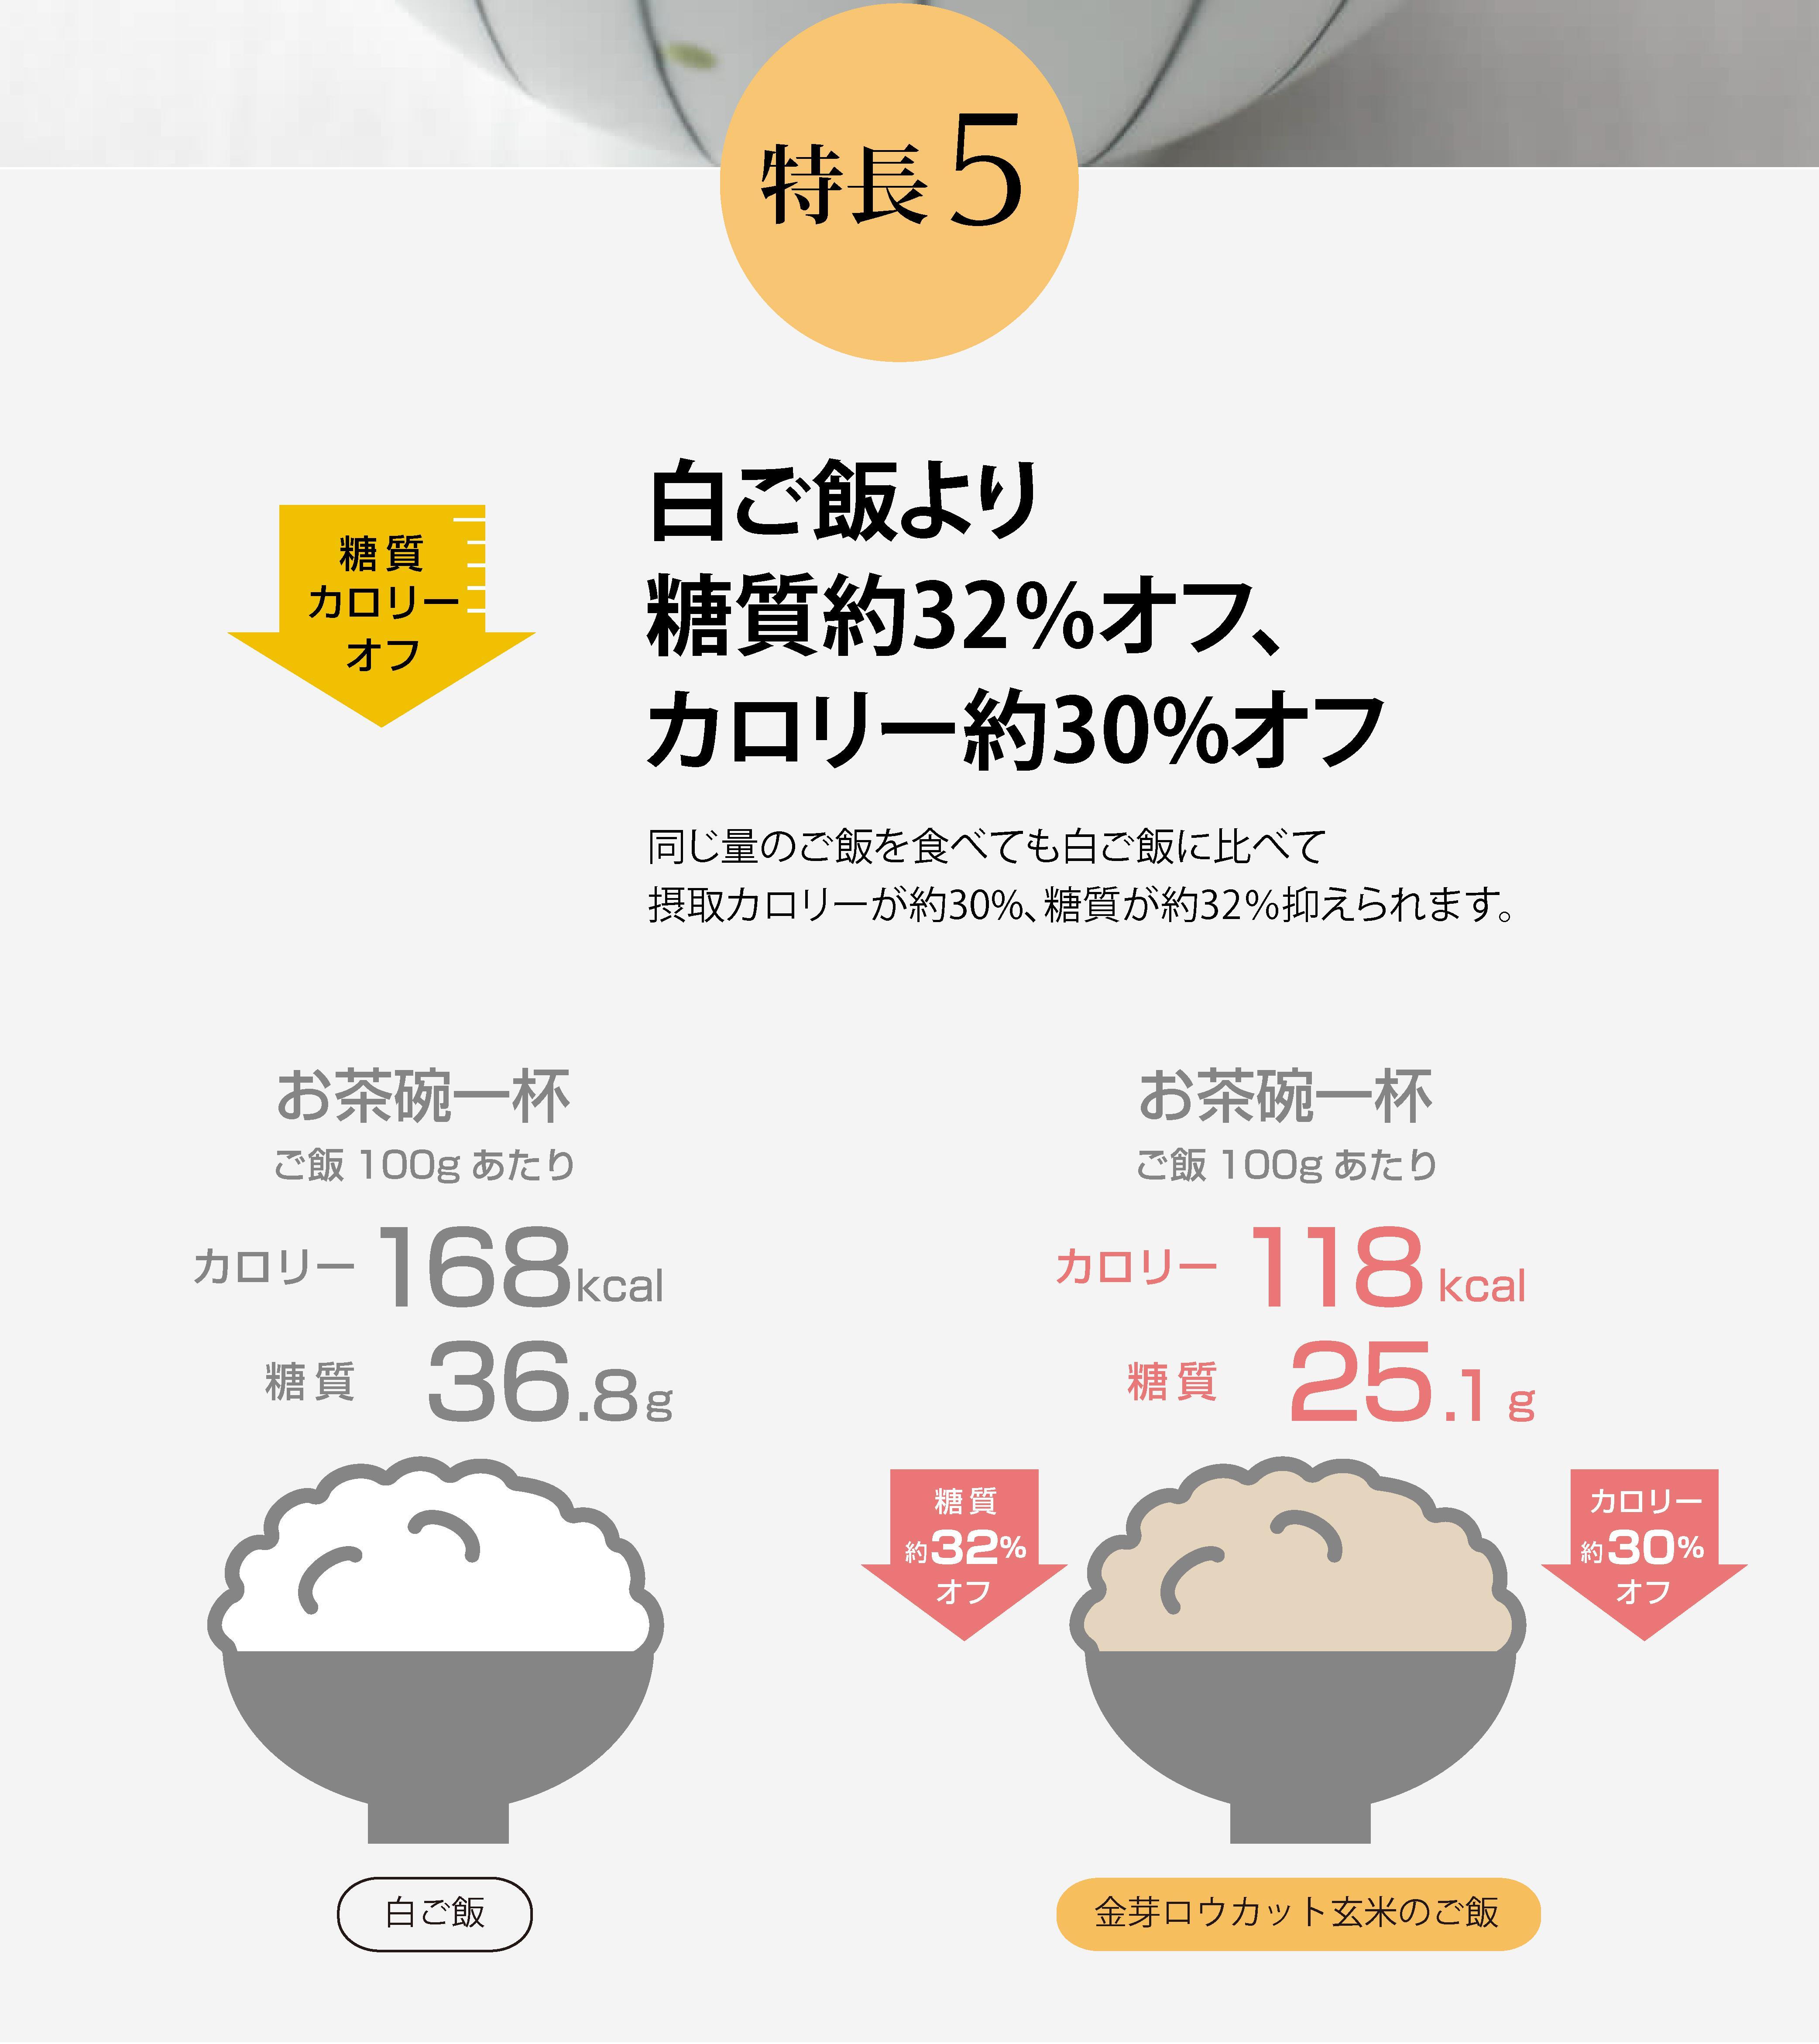 金芽ロウカット玄米の特長5